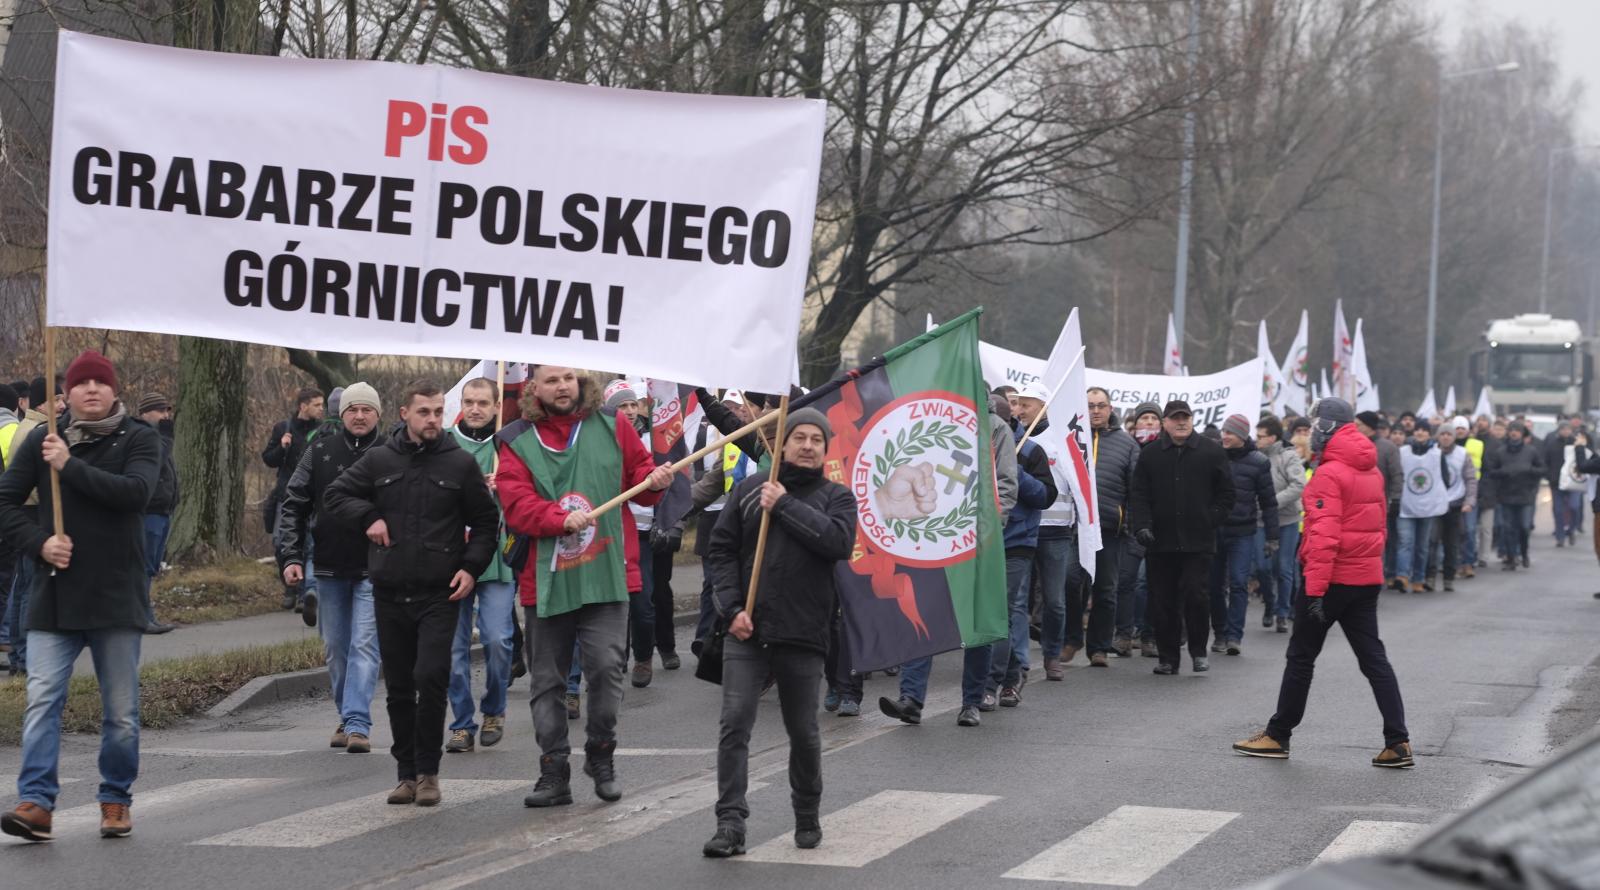 Załoga kopalni Krupiński w Suszcu na ŒŚląsku blokuje drogę wojewódzką nr 935. Górnicy protestują przeciwko przeniesieniu kopalni do spółki restrukturyzacyjnej. Fot. PAP/Andrzej Grygiel